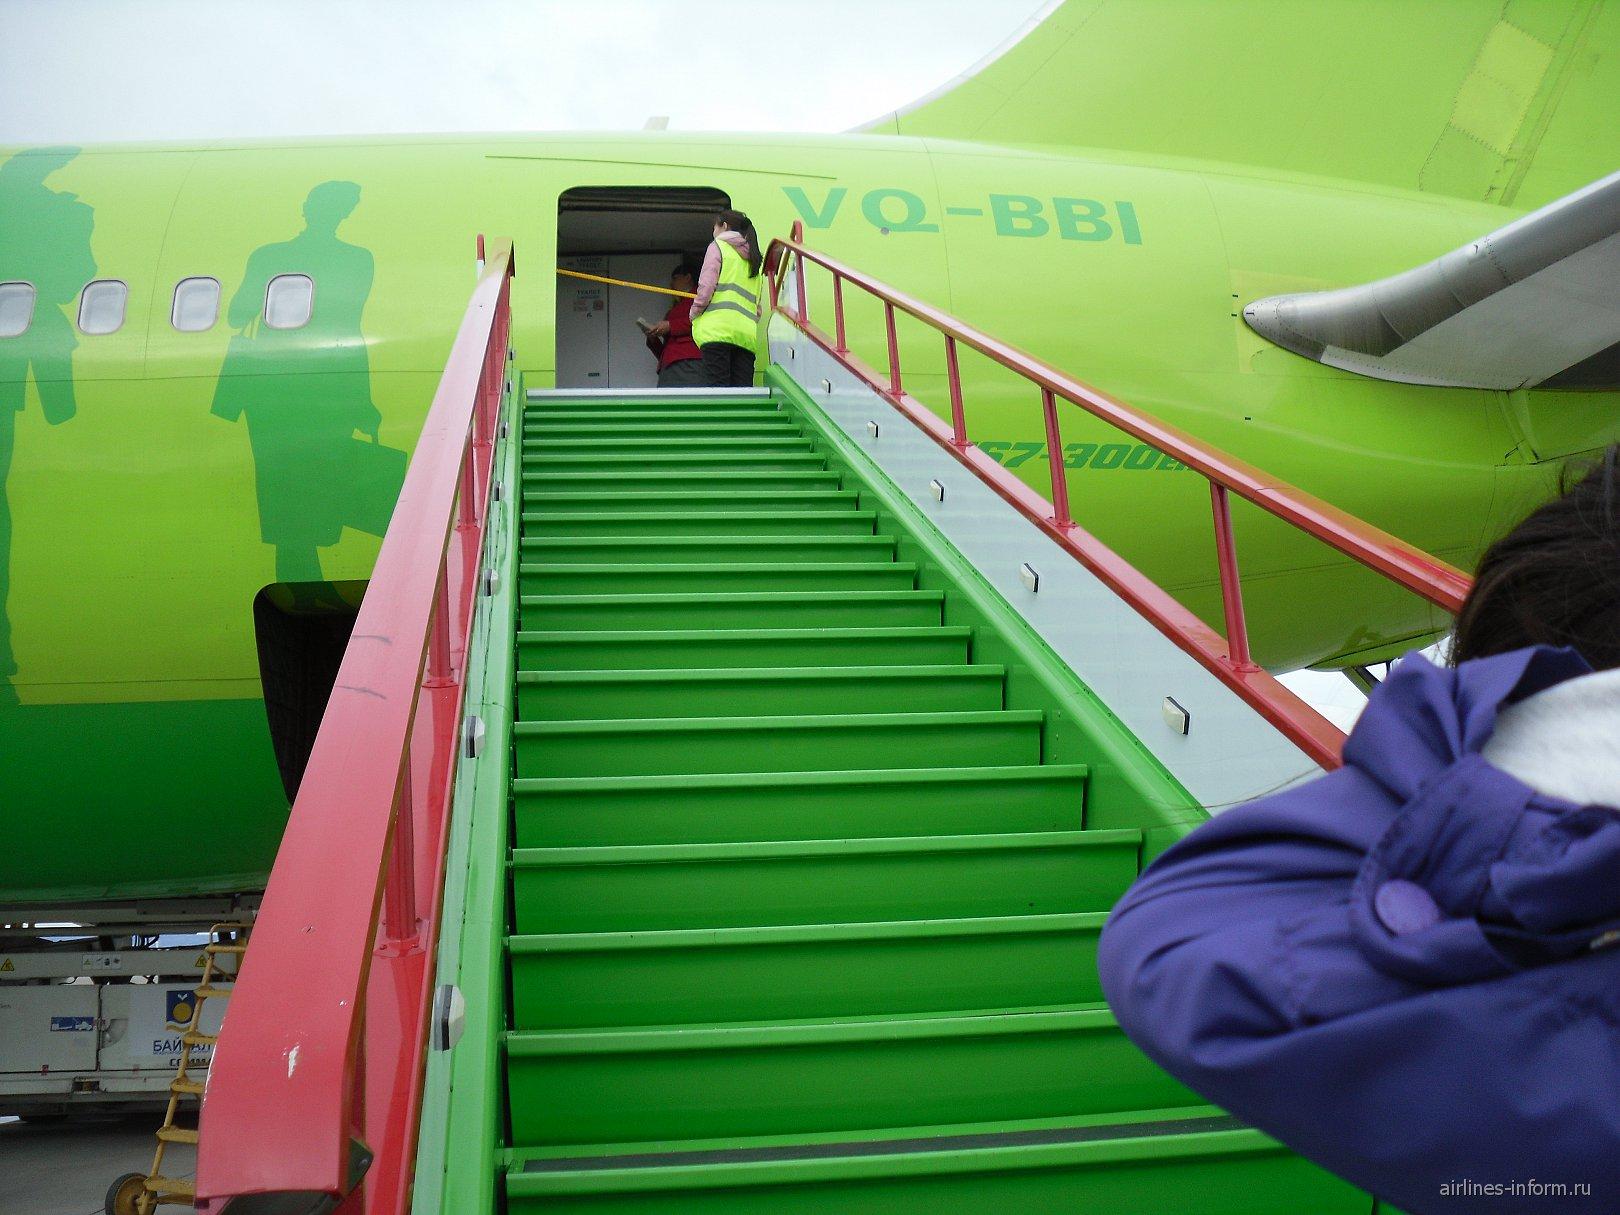 Посадка в самолет Боинг-767-300 авиакомпании S7 Airlines